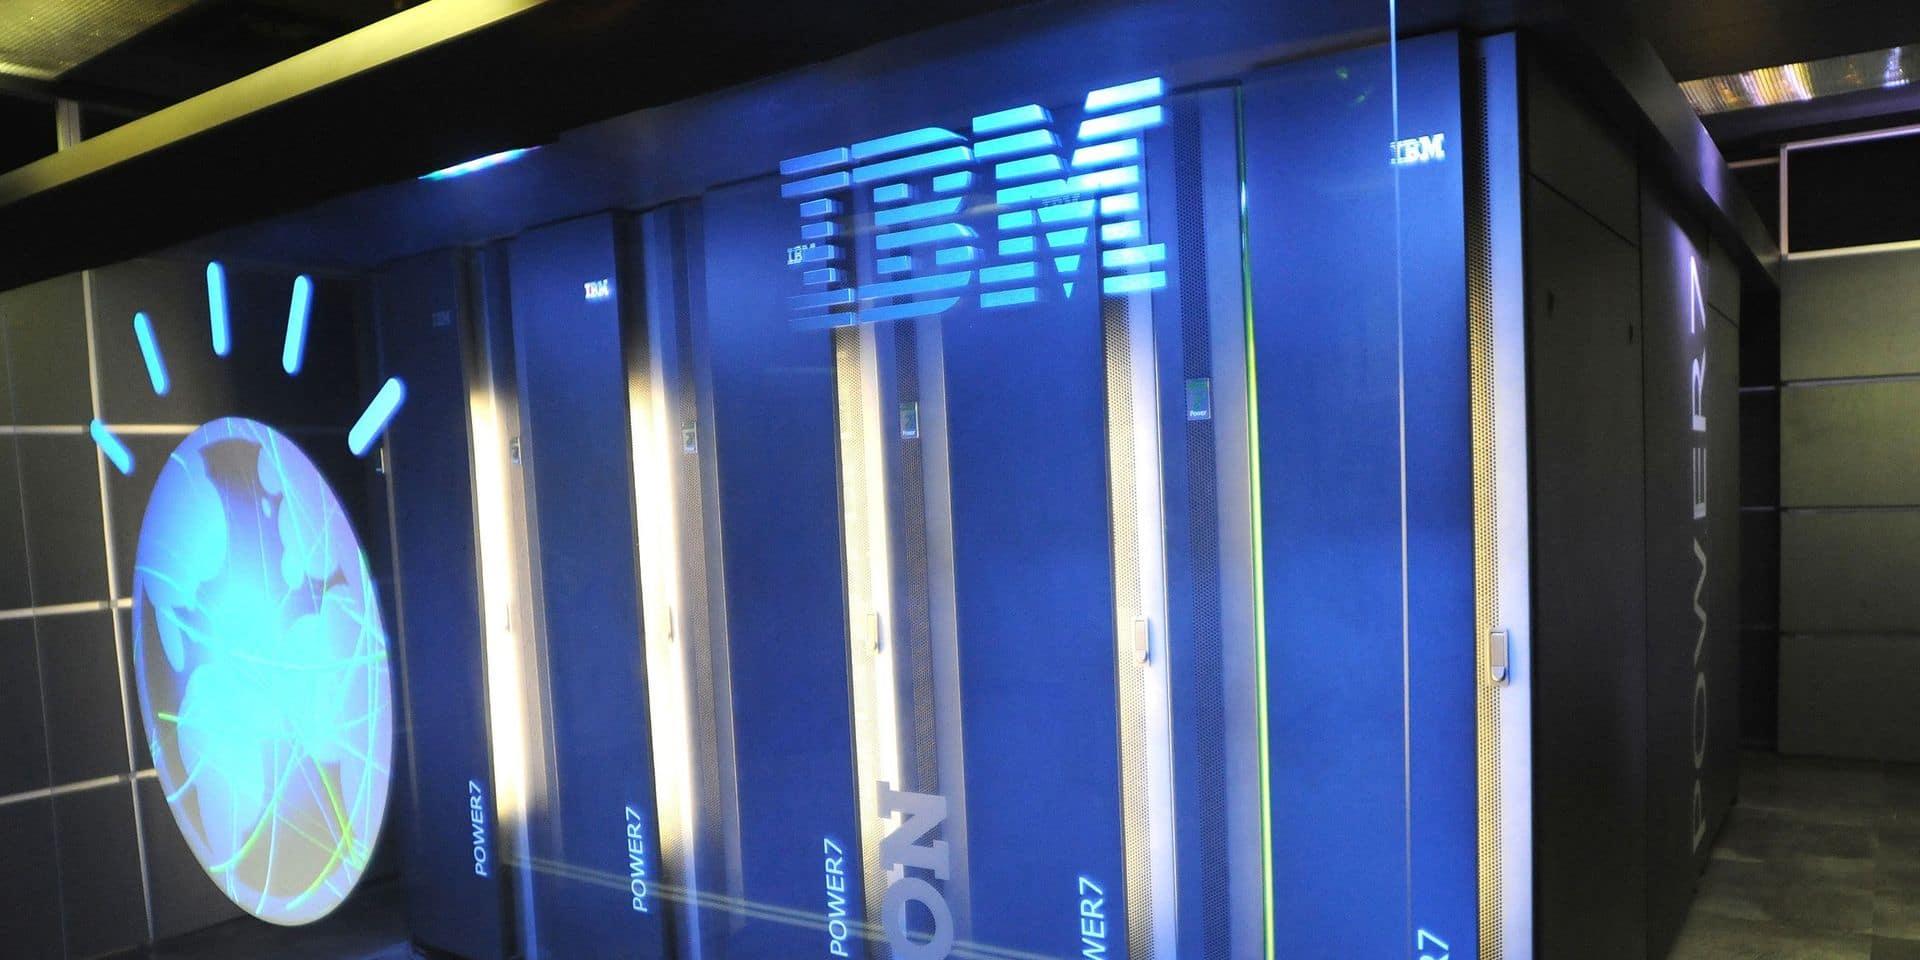 200 emplois menacés chez IBM, les syndicats regrettent le manque de dialogue avec la direction